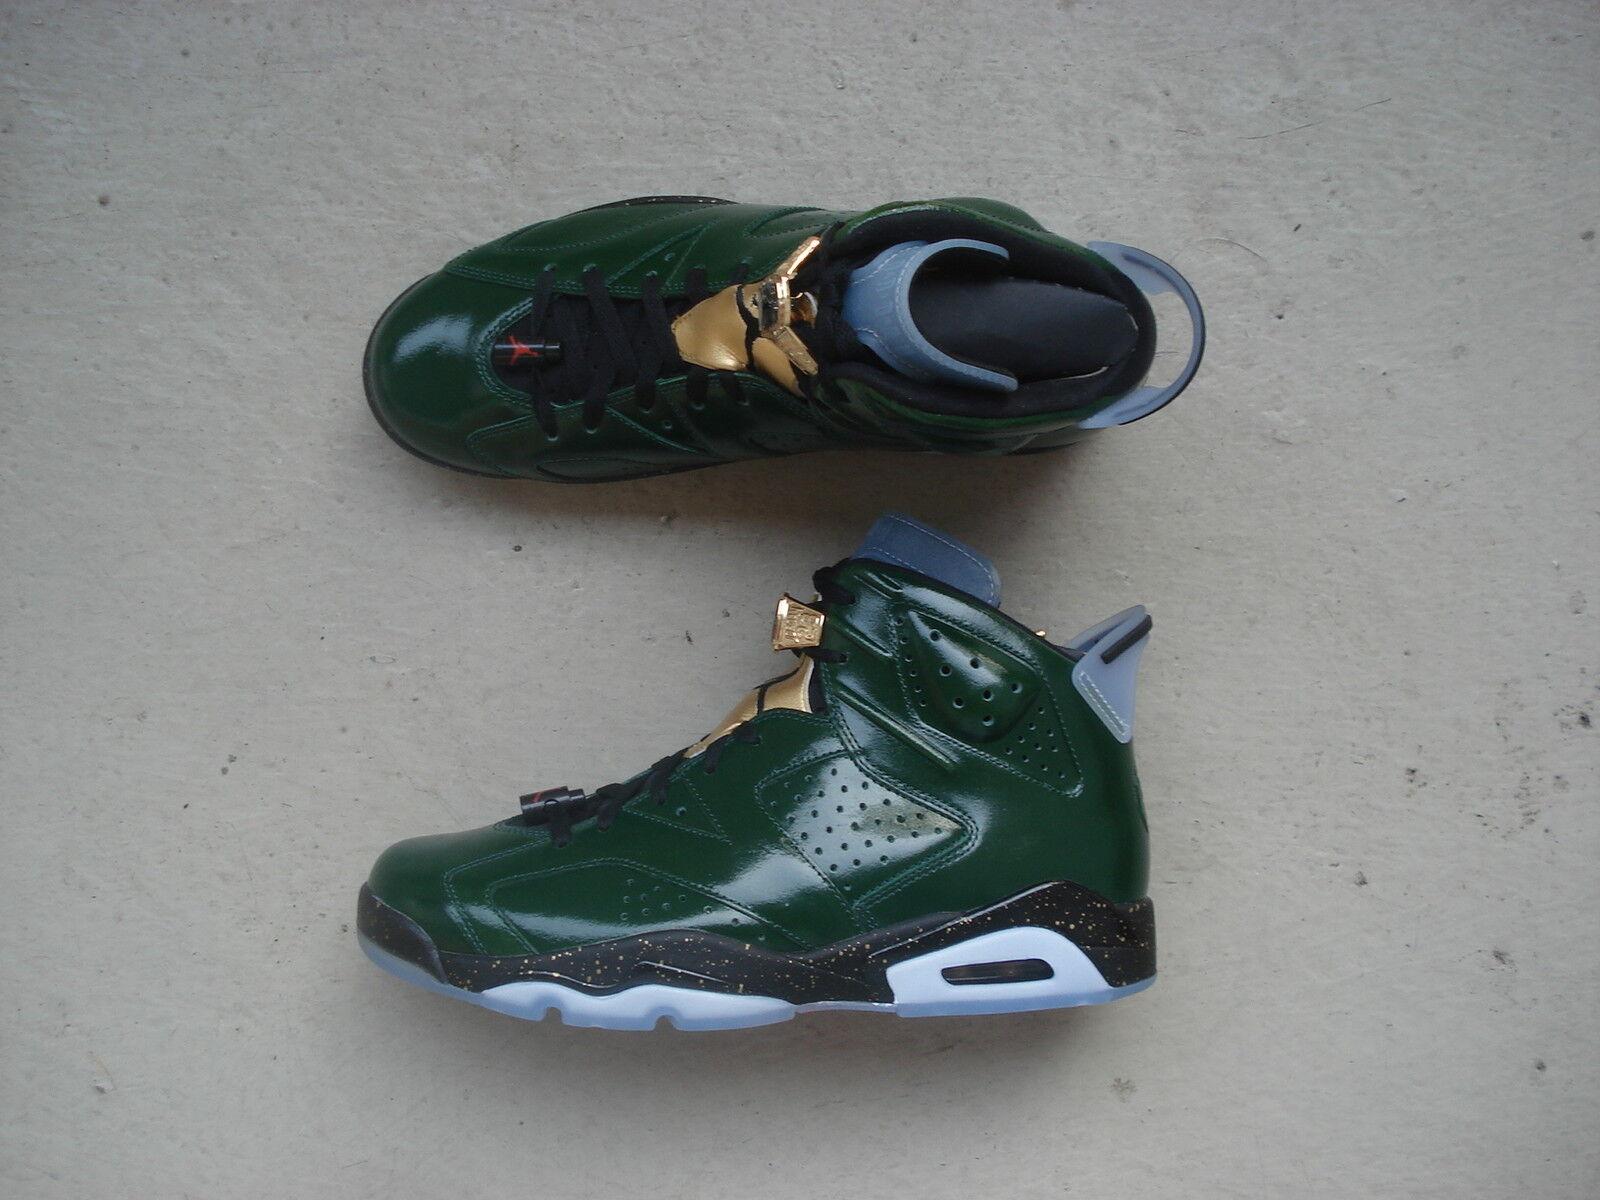 Nike Air Jordan Gold-Challenge 6/VI